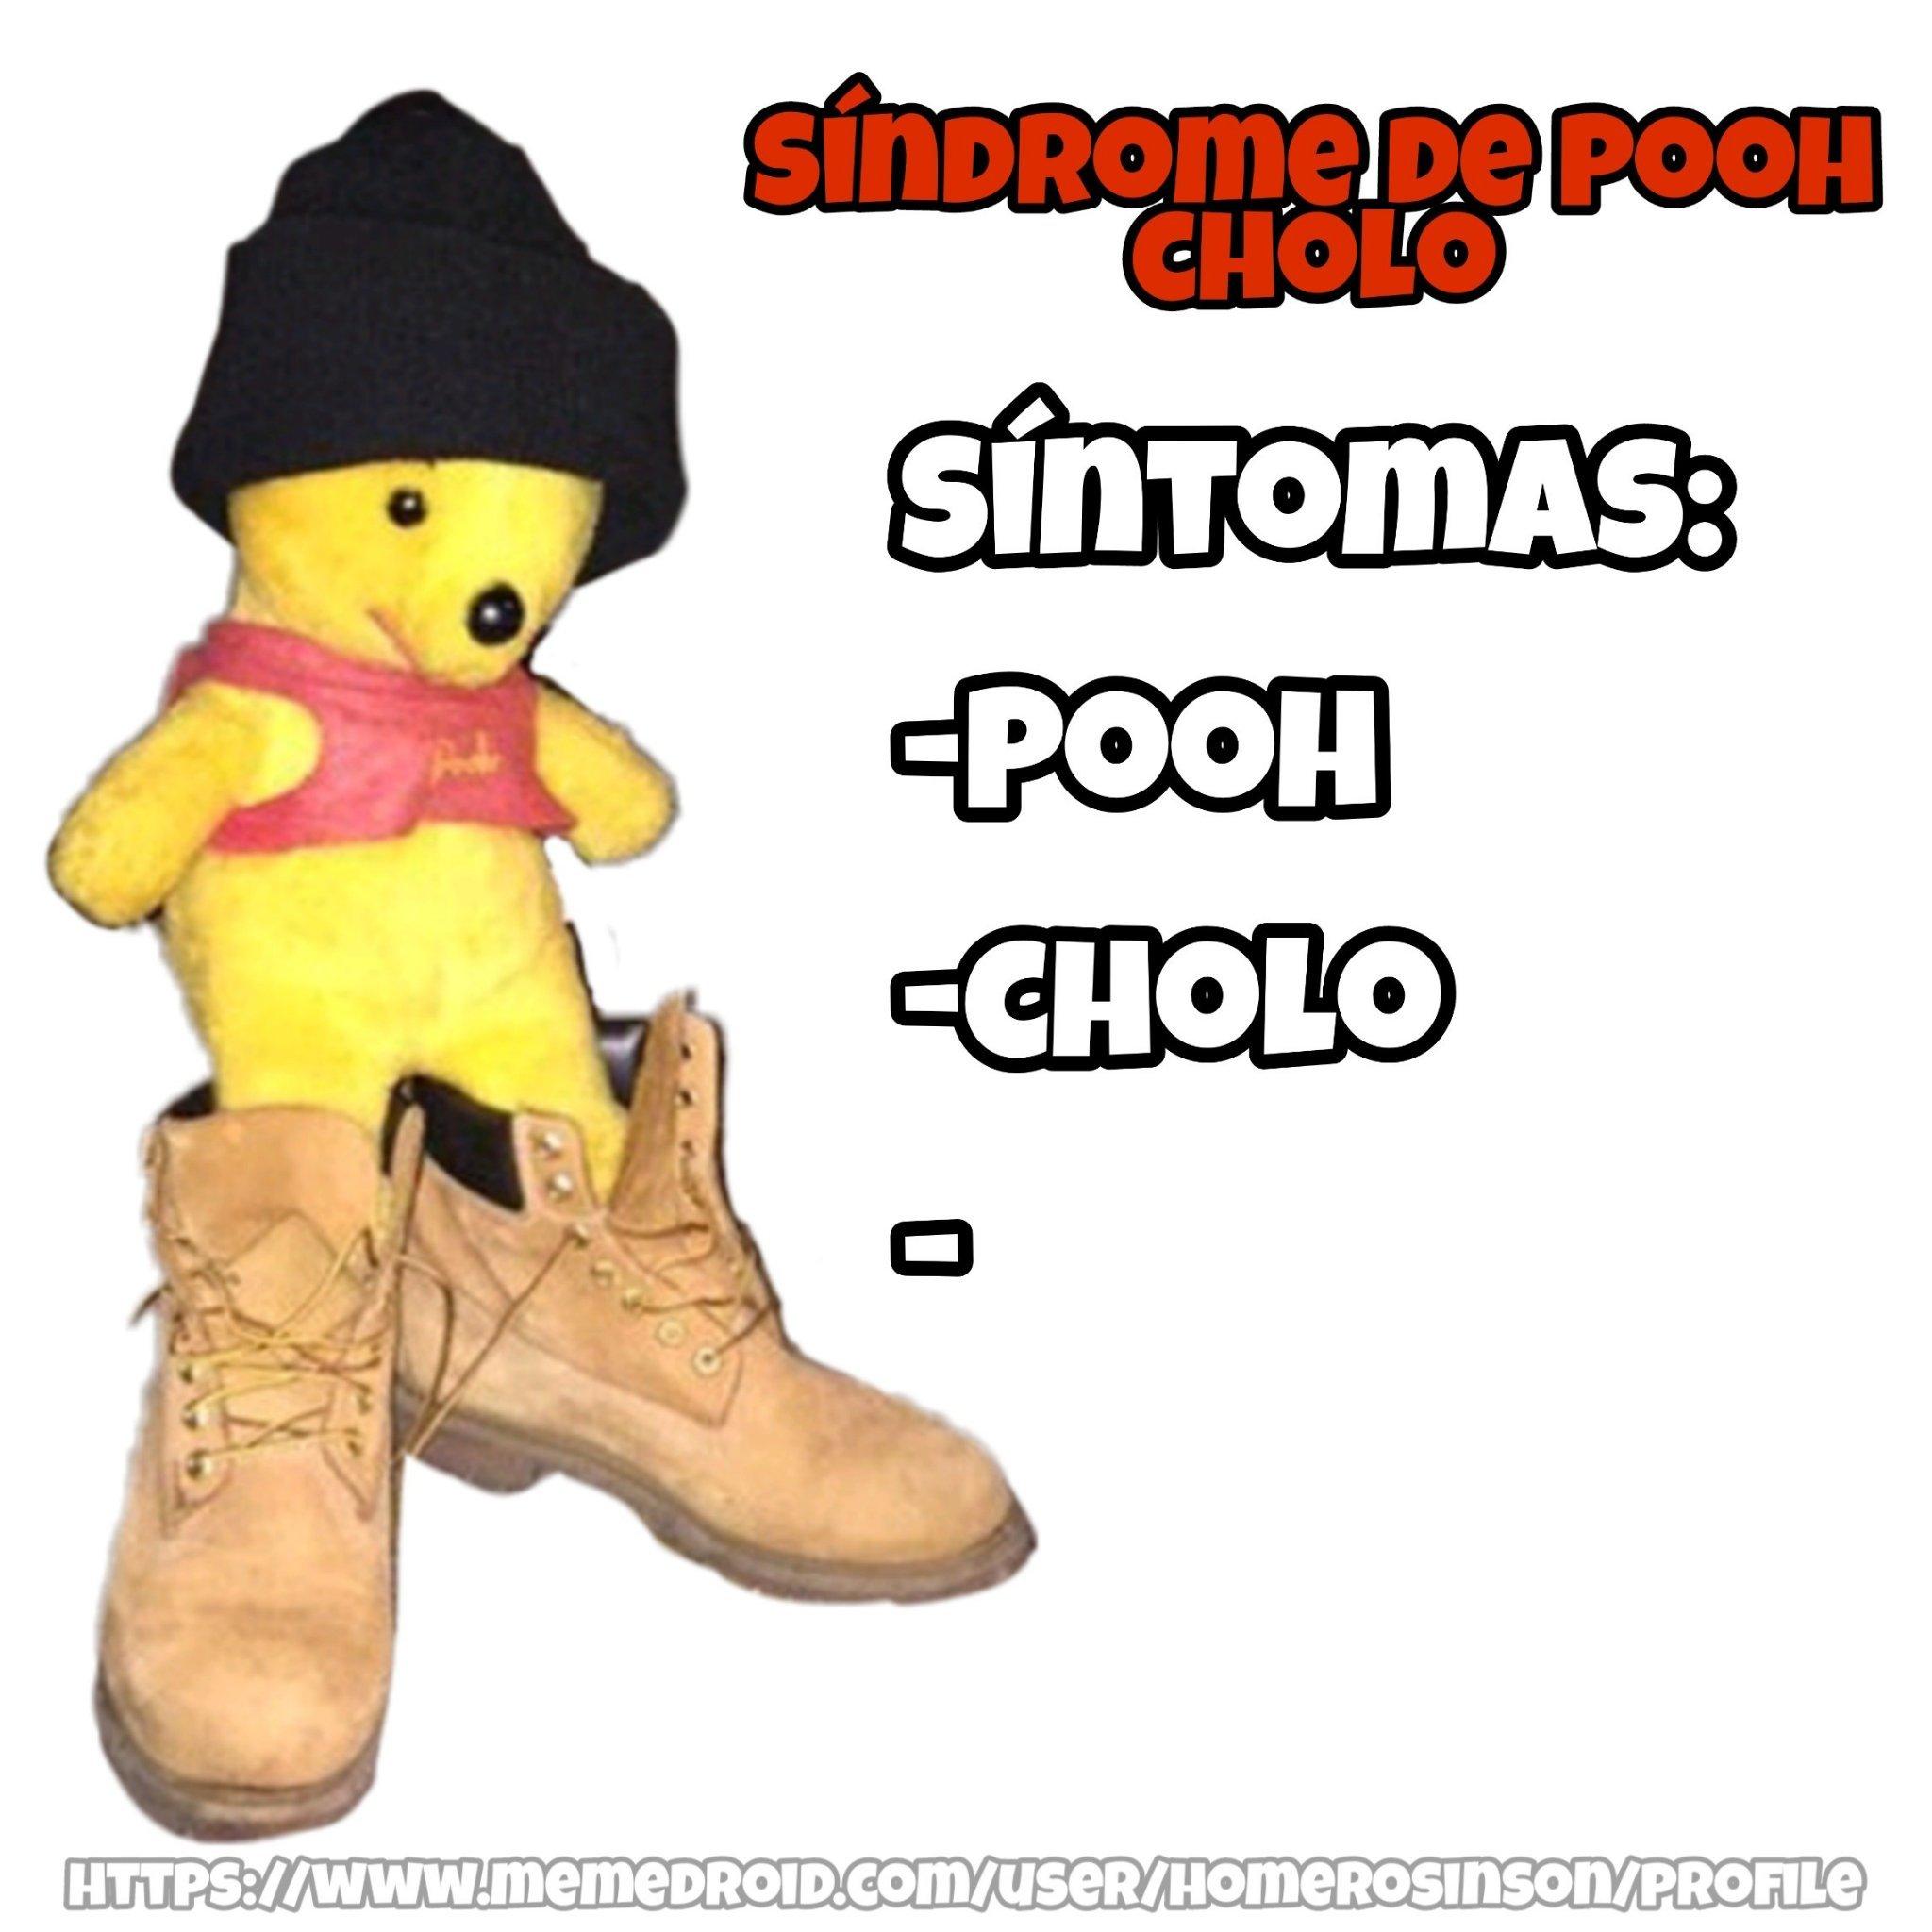 Pooh cholo - meme